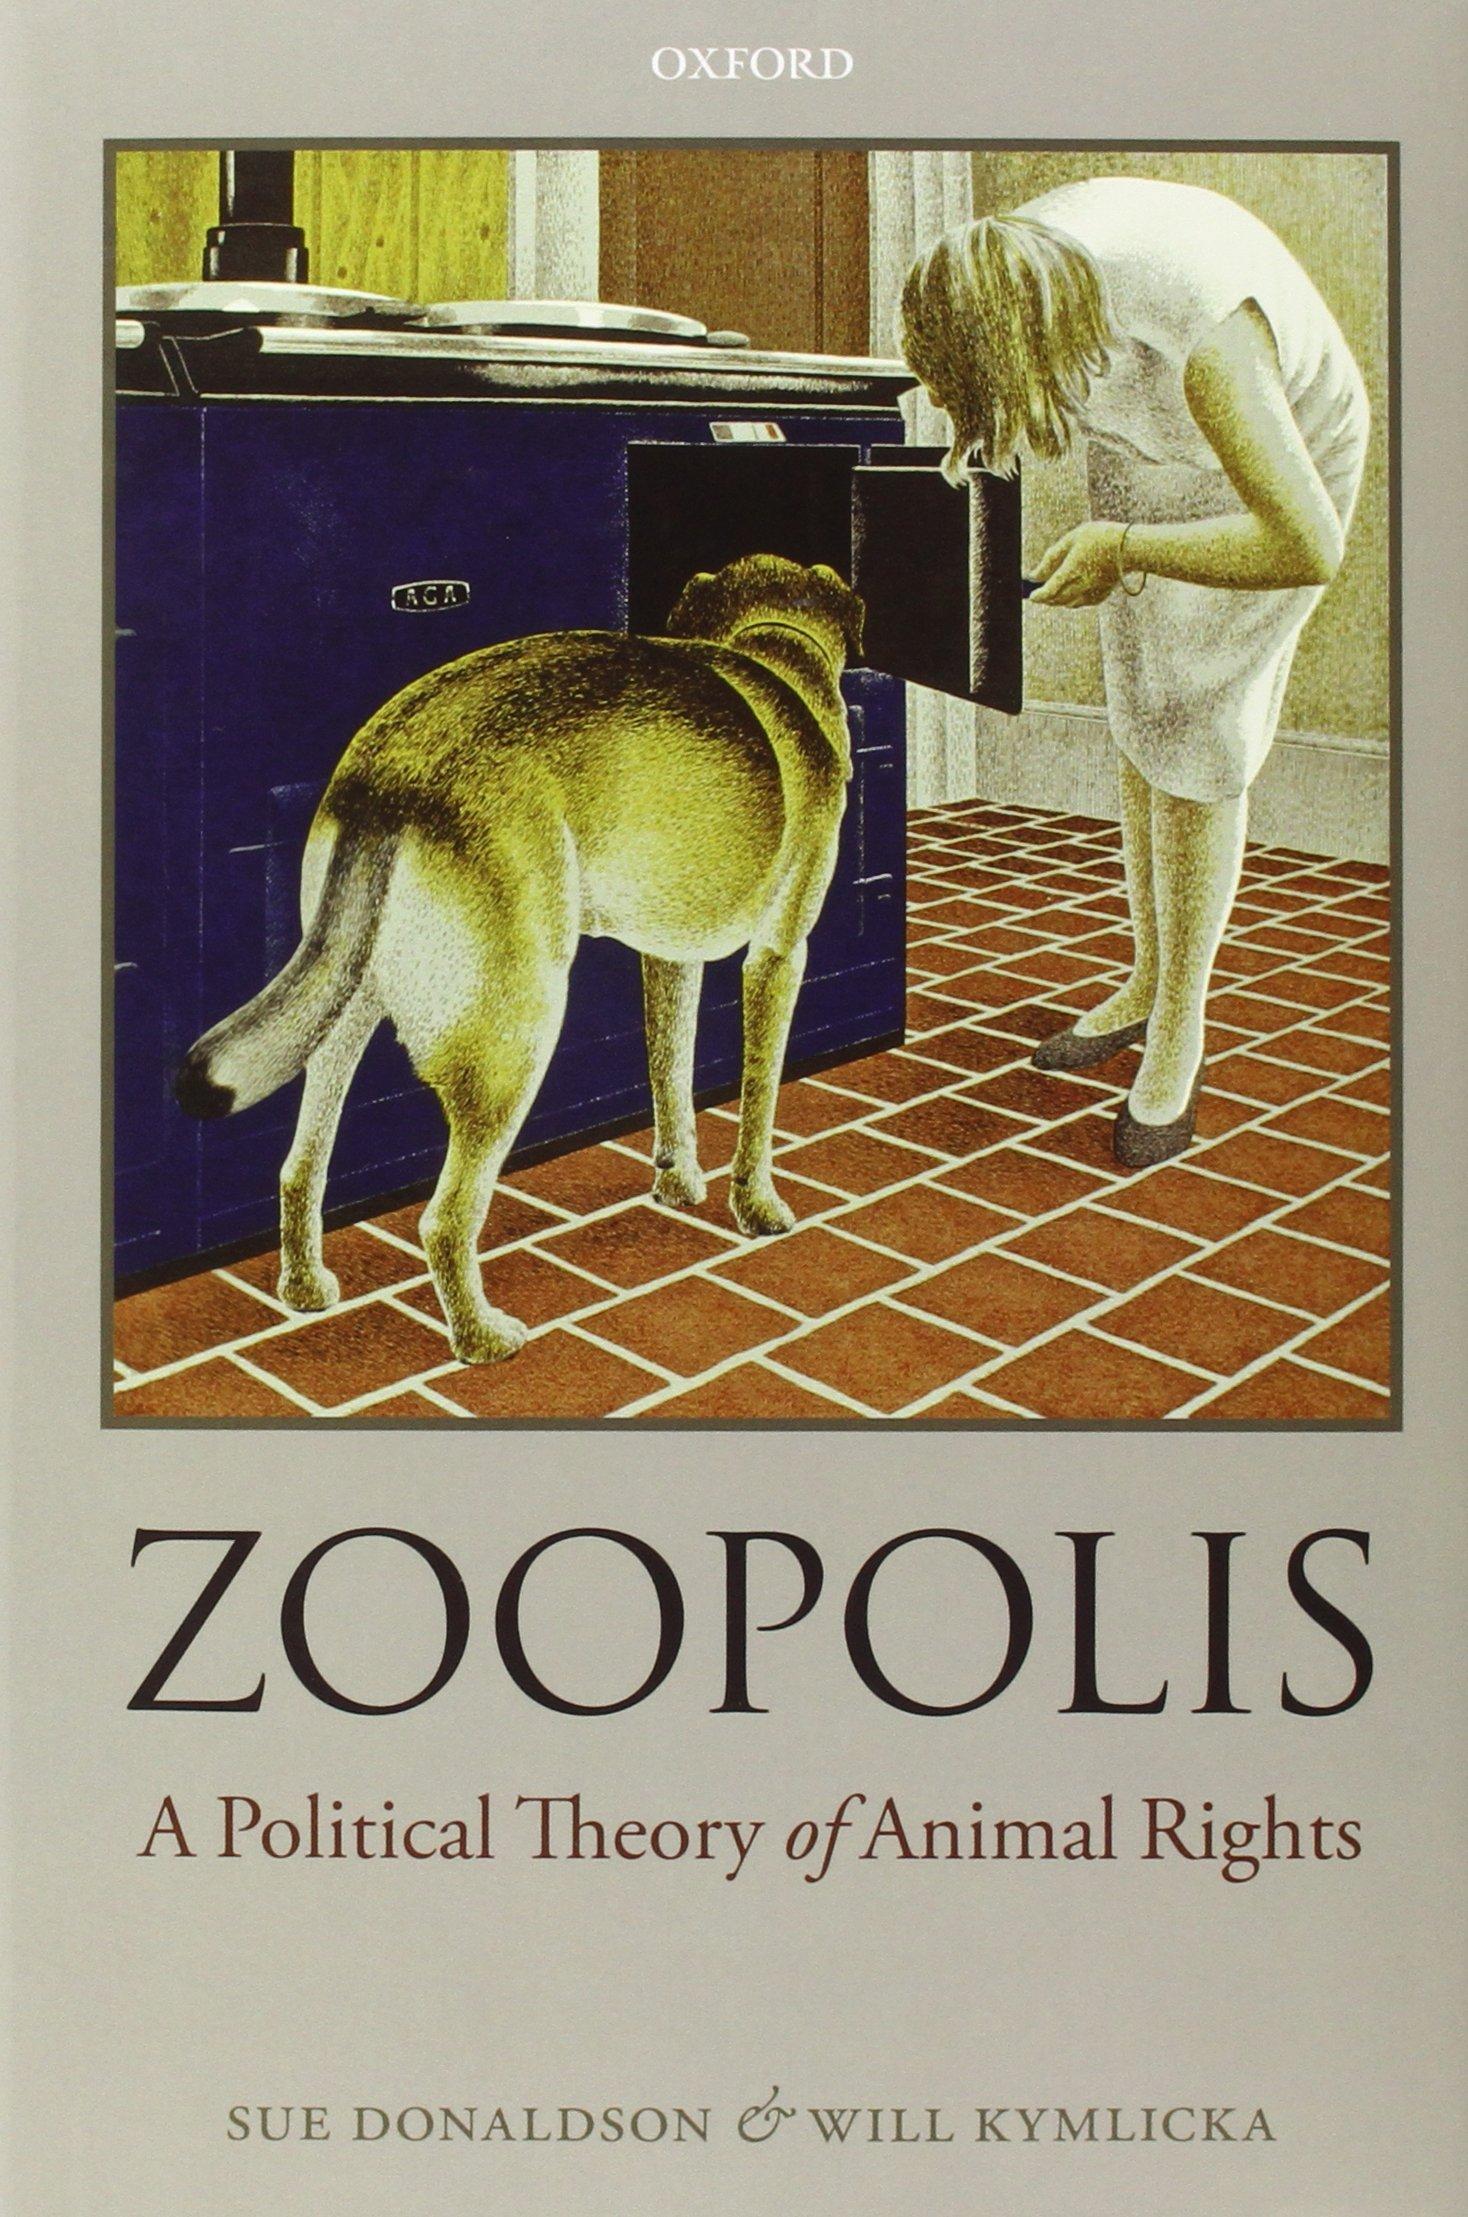 """Okładka książki """"Zoopolis: A Political Theory of Animal Rights"""" (źródło: materiały prasowe organizatora)"""